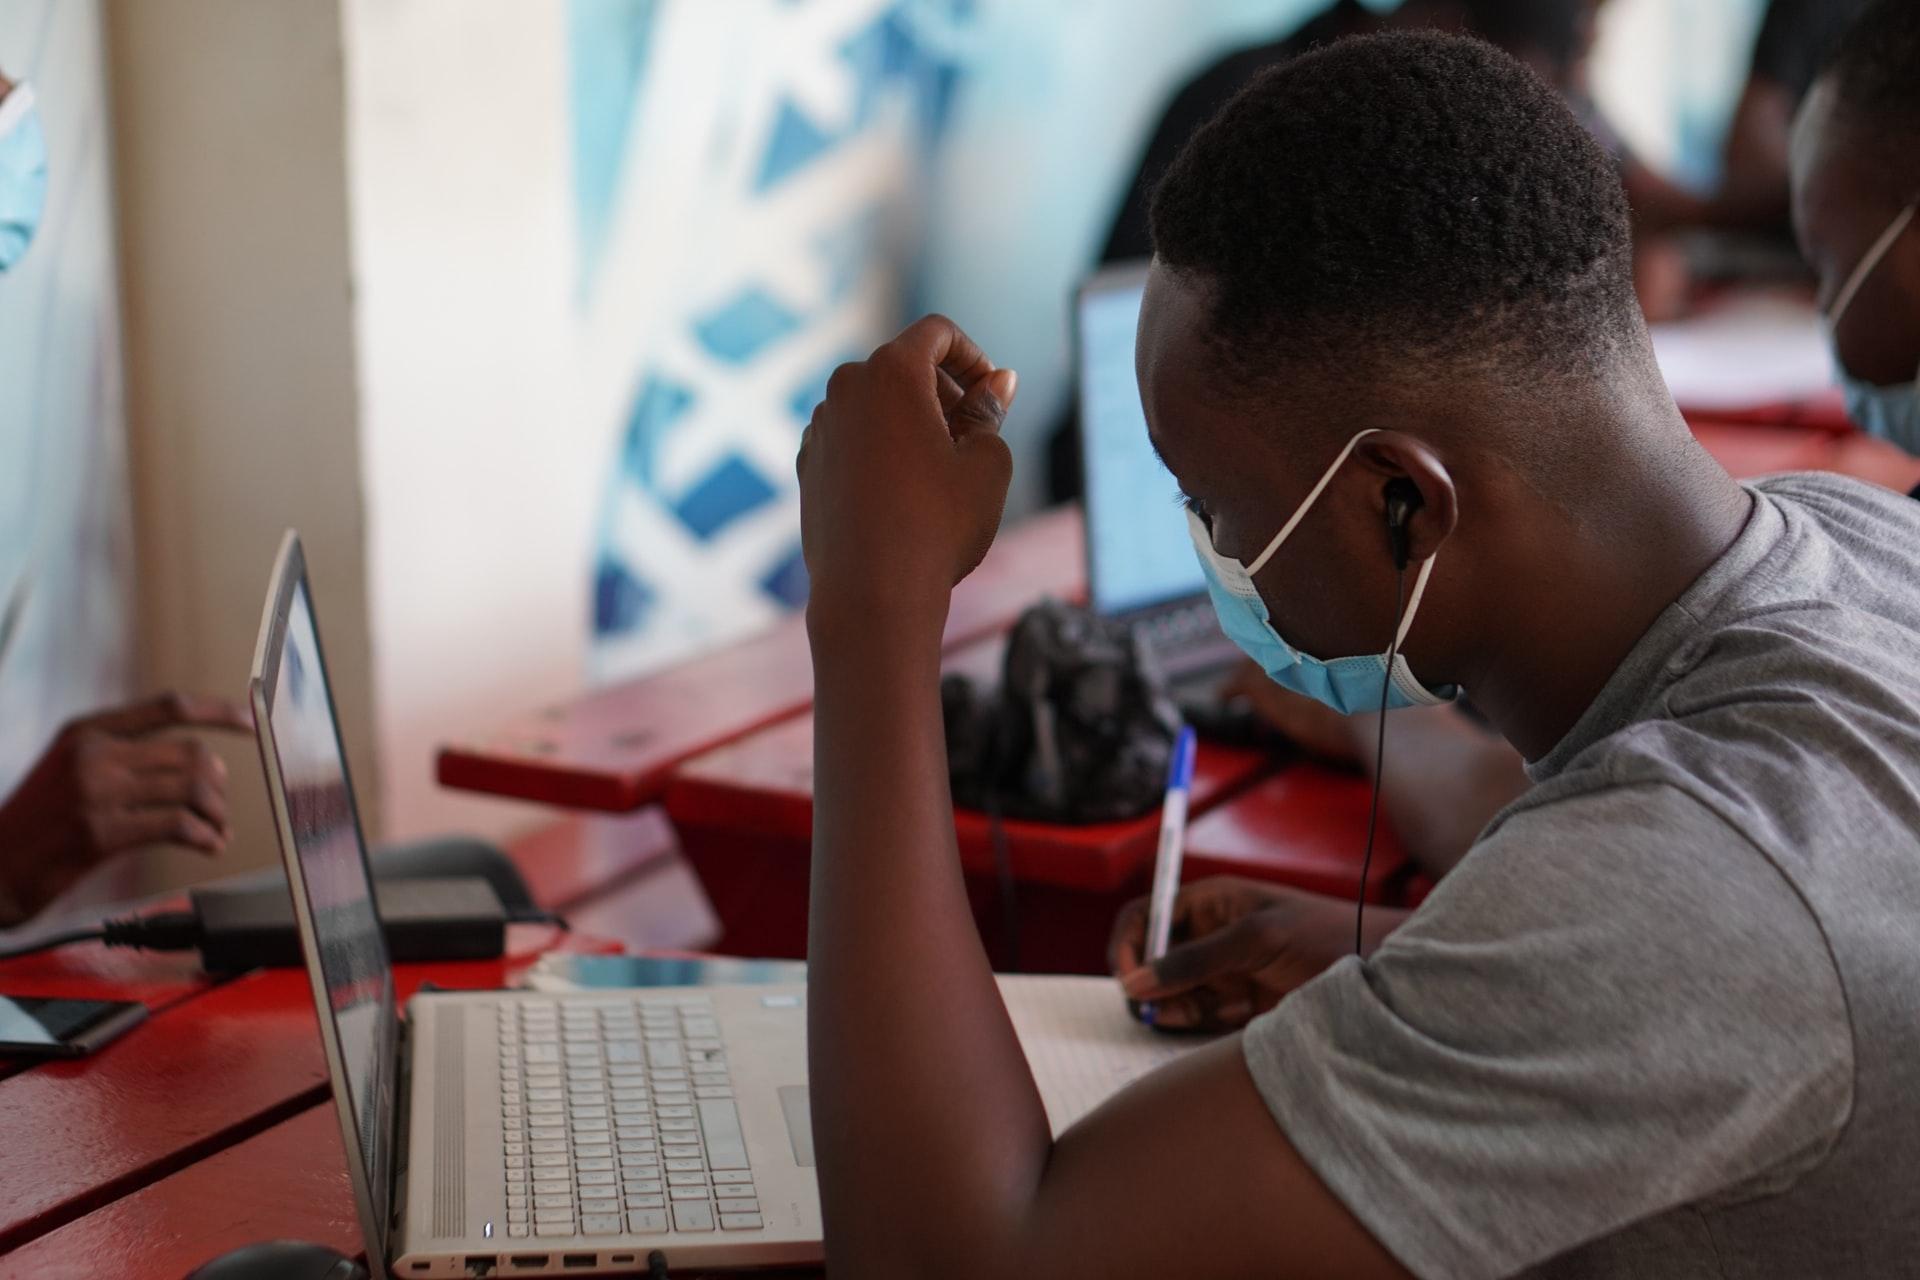 アフリカのインターネット普及率